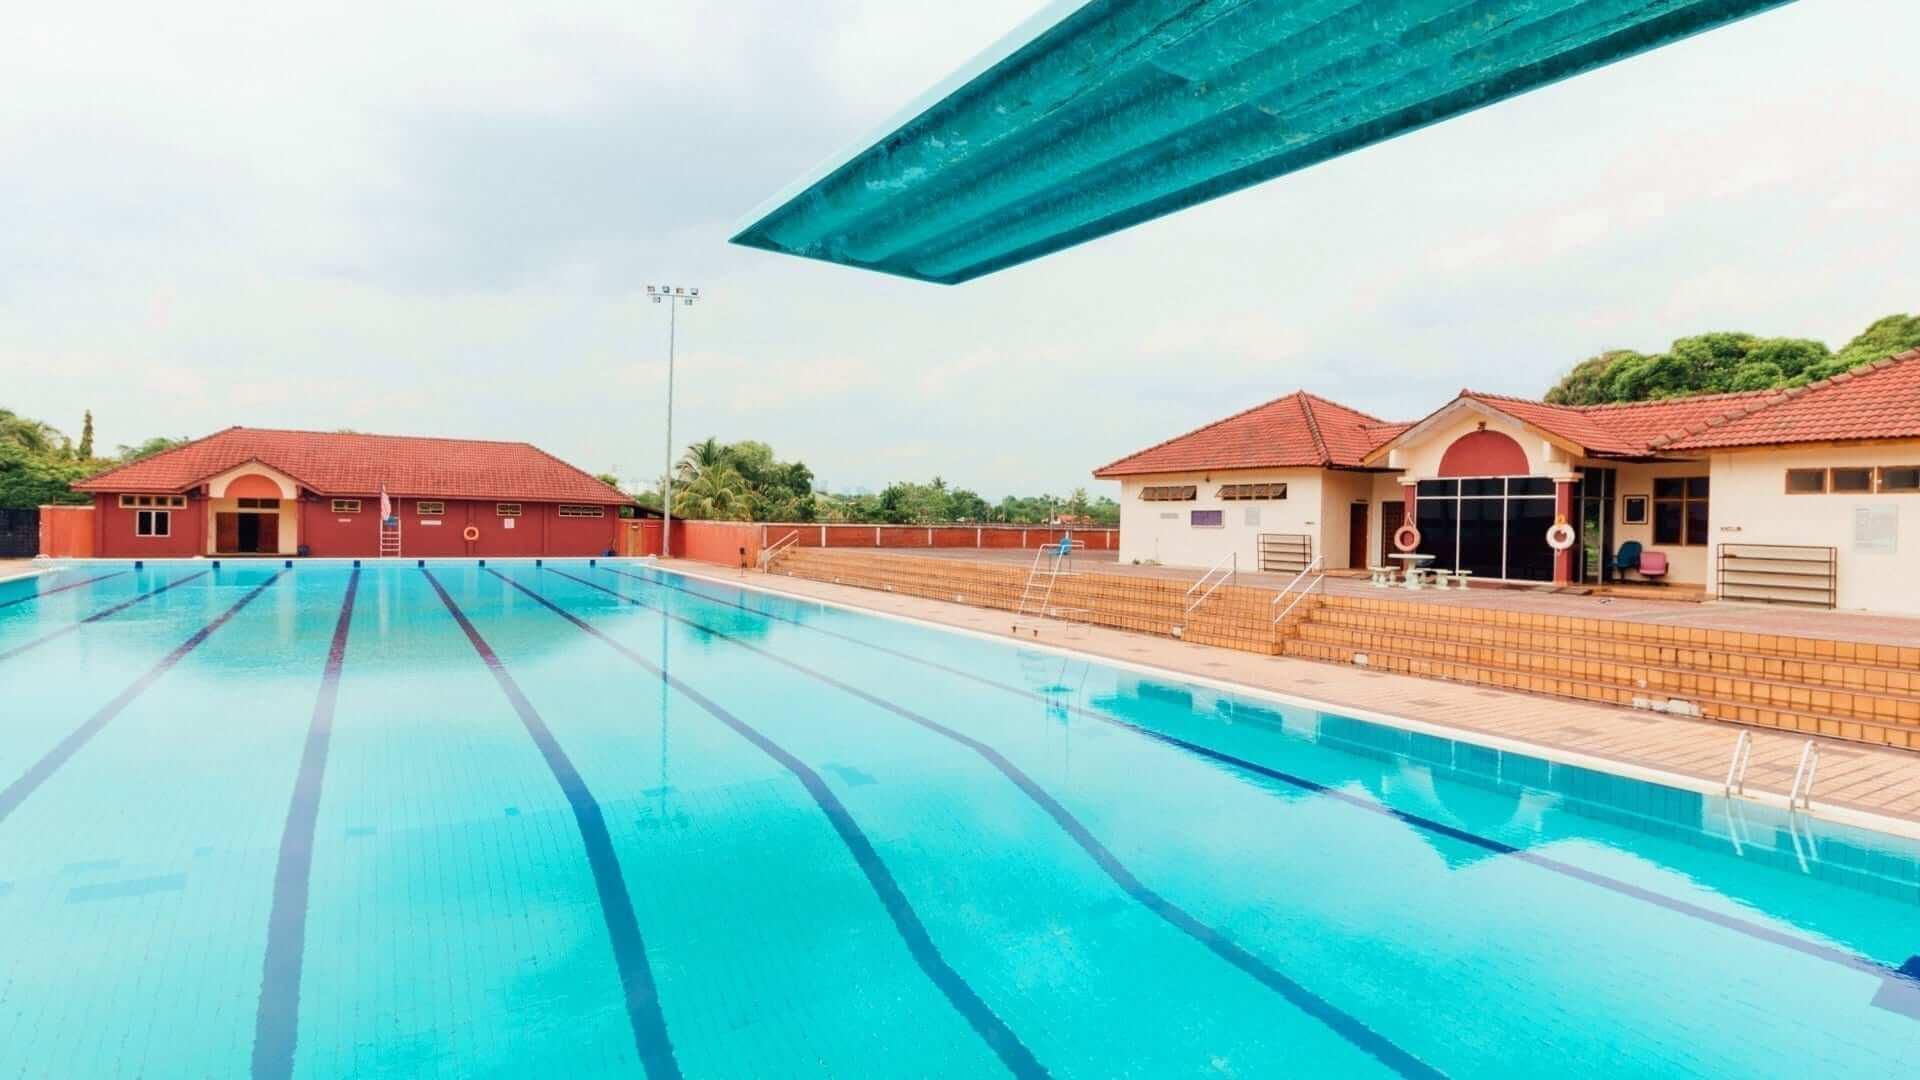 Universiti Putra Malaysia Swimming Pool